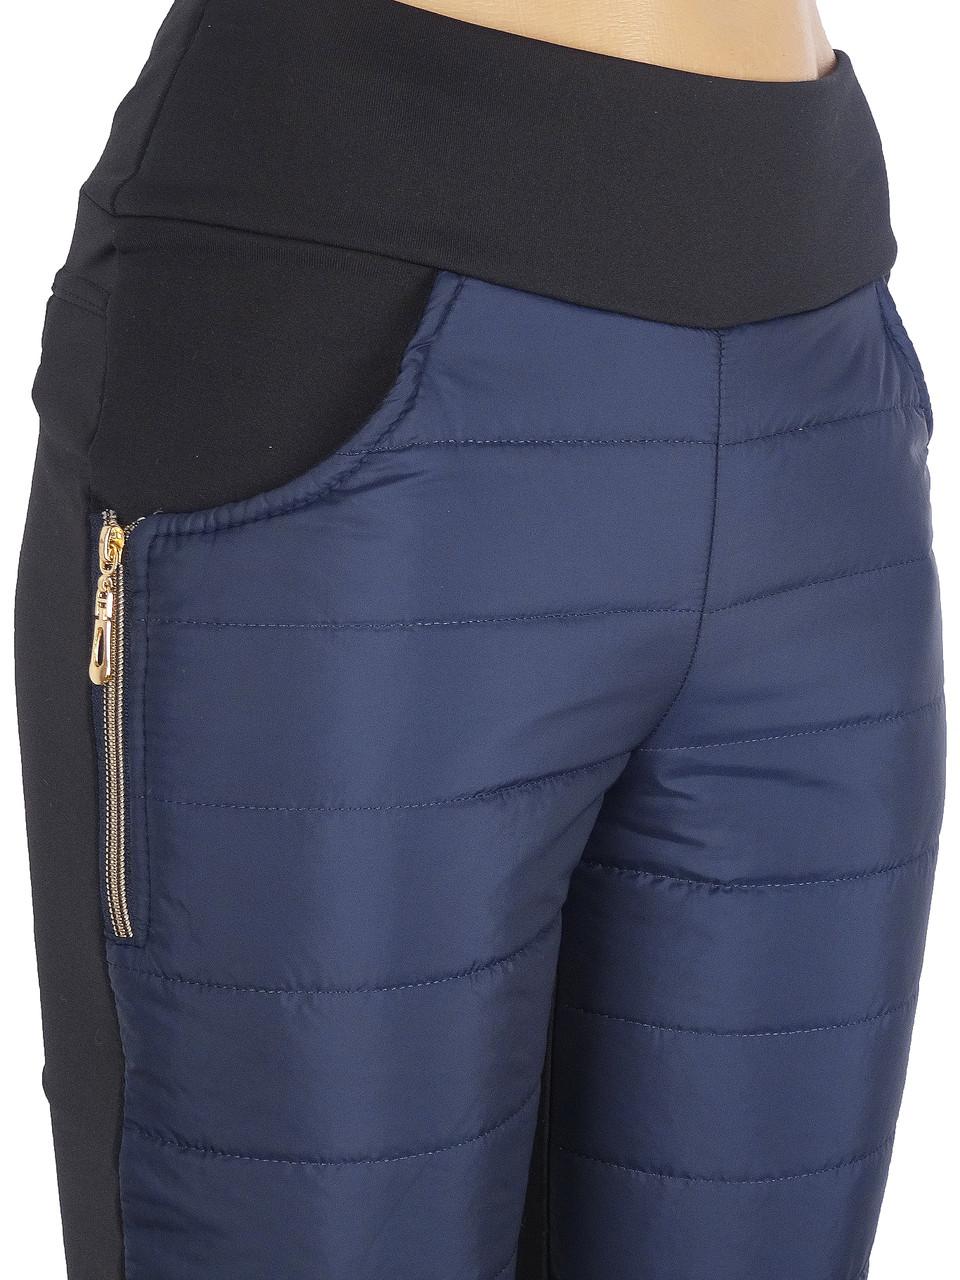 Женские спортивные штаны на байке 42-48